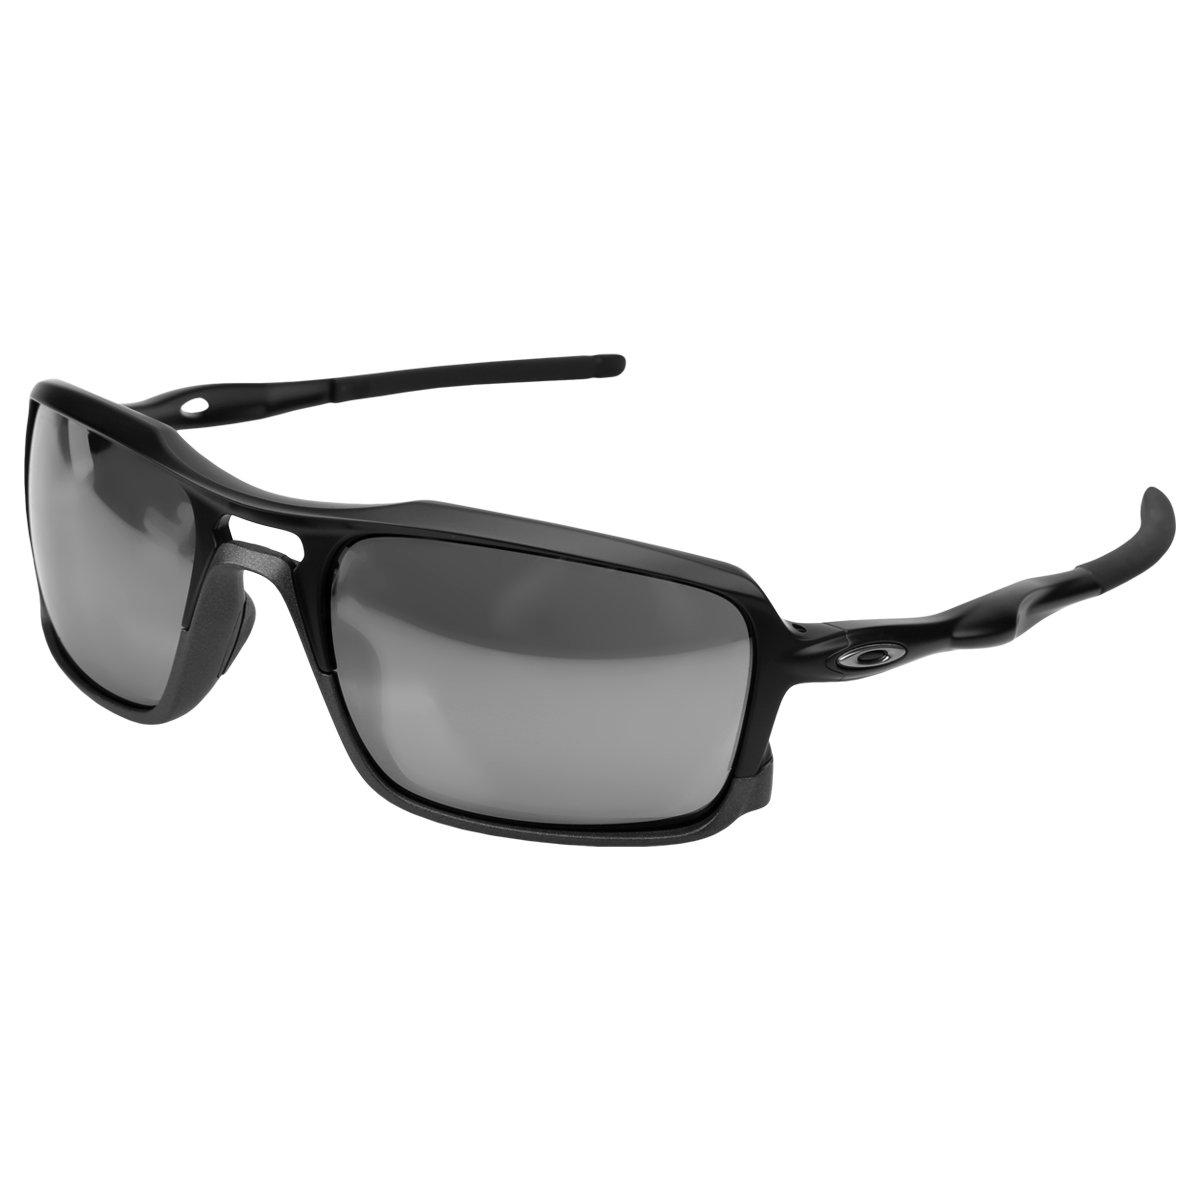 ee786f8374c60 Óculos Oakley Triggerman-Iridium - Compre Agora